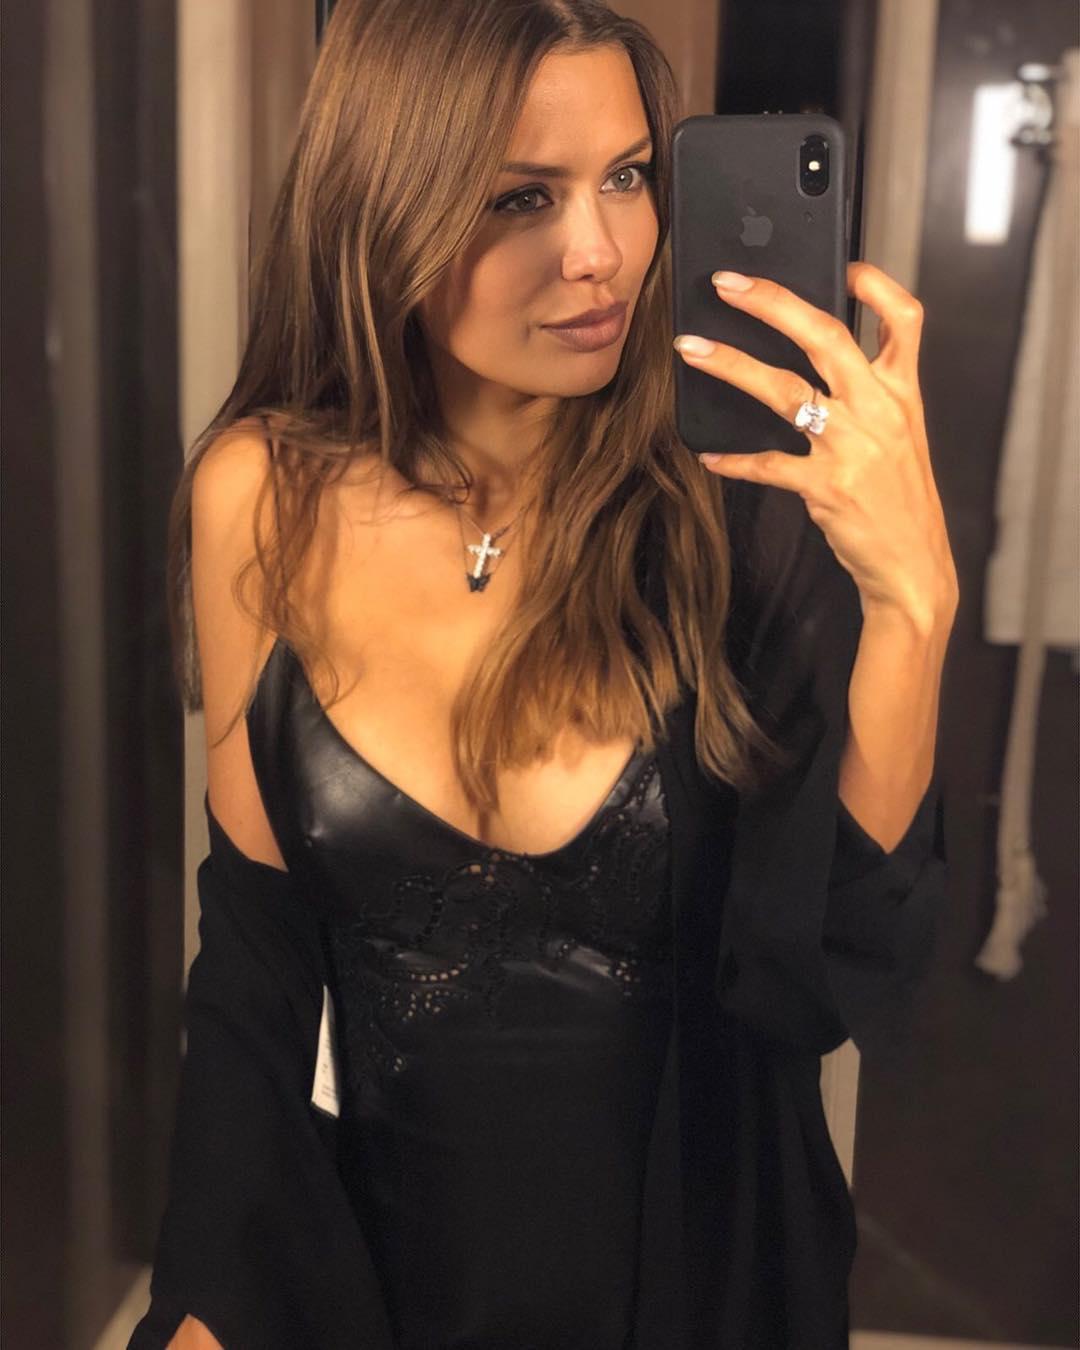 Виктория Боня: Have a nice evening my dear friends  Хочу спросить у мужчин! На мне слишком откровенное платье? Ааа вы считает?